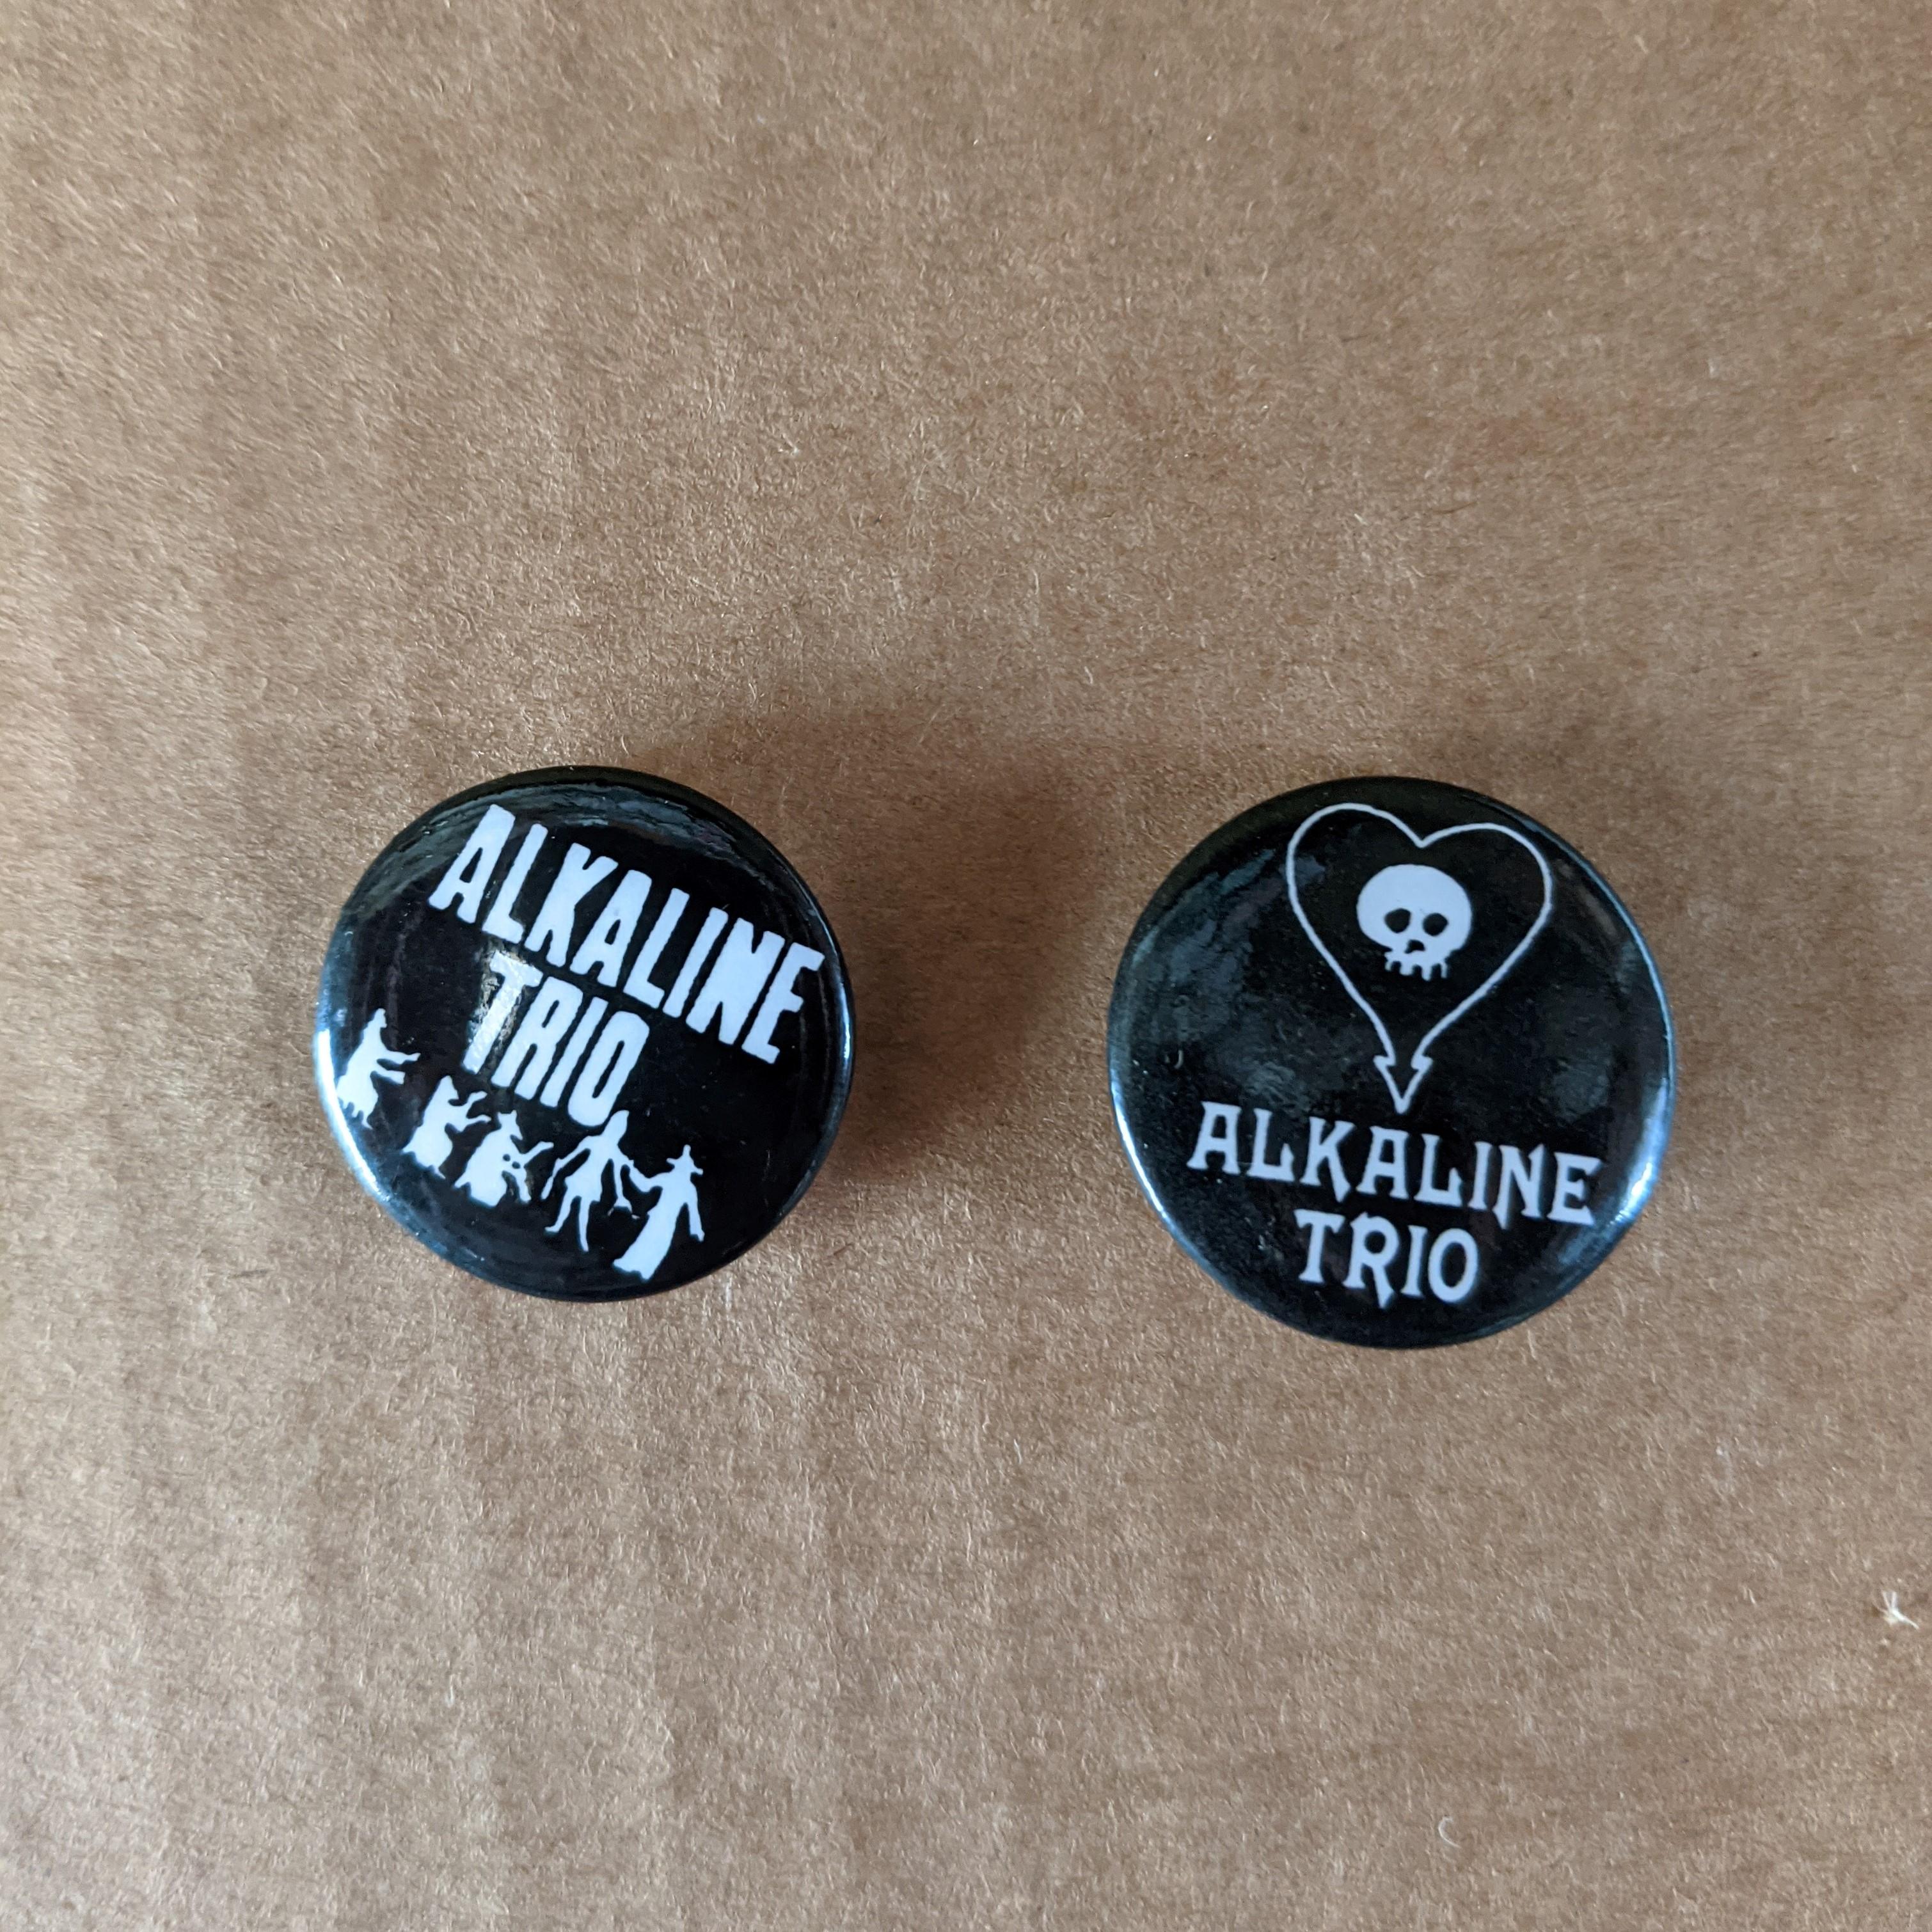 ALKALINE TRIO Buttons